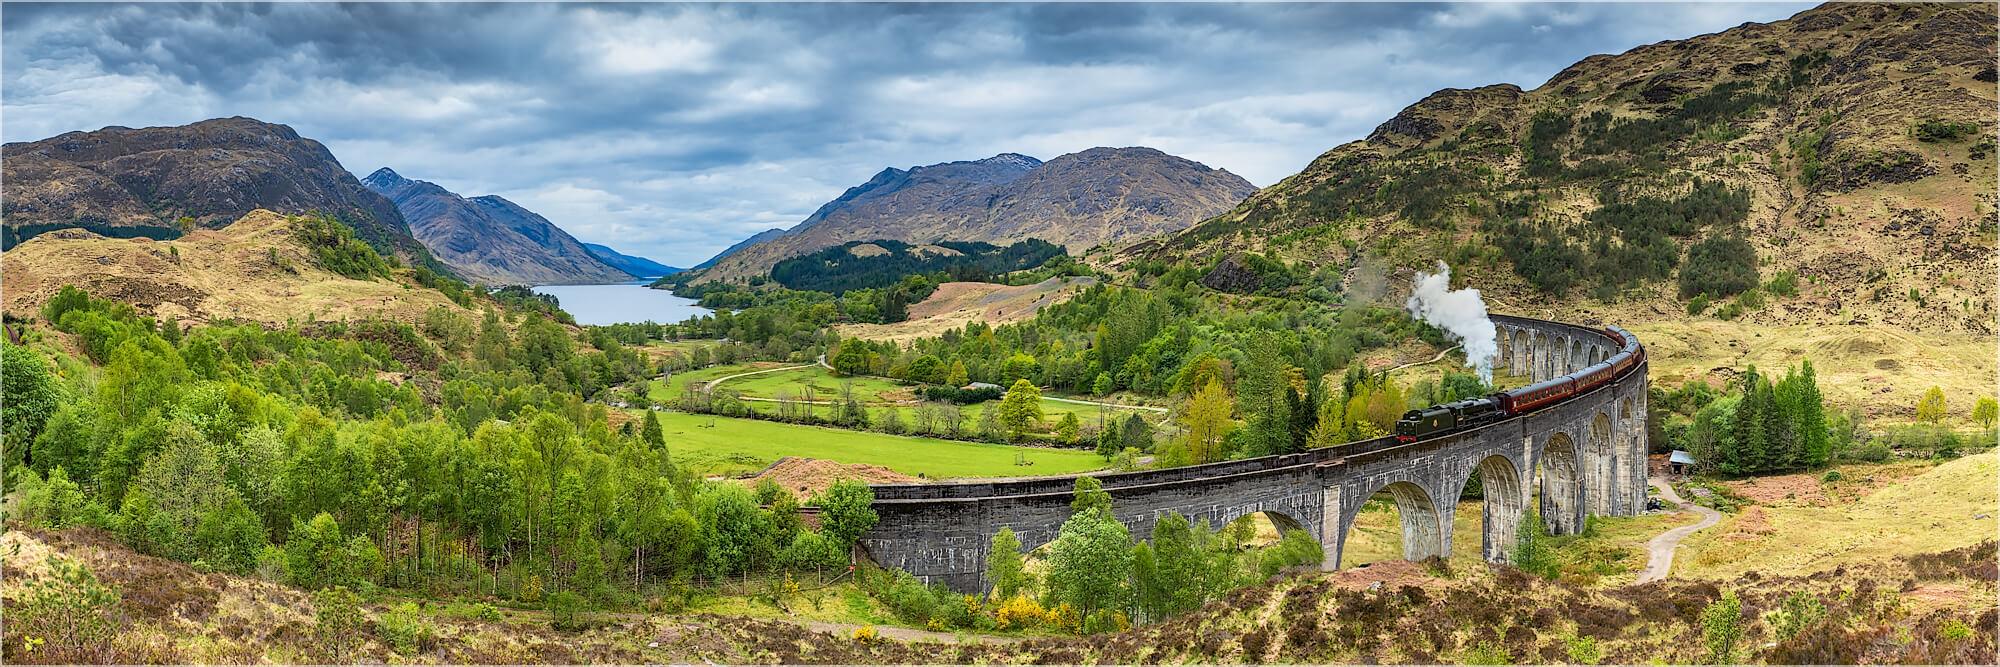 Panoramabild Glenfinan Viadukt Jacobite Train Schottland